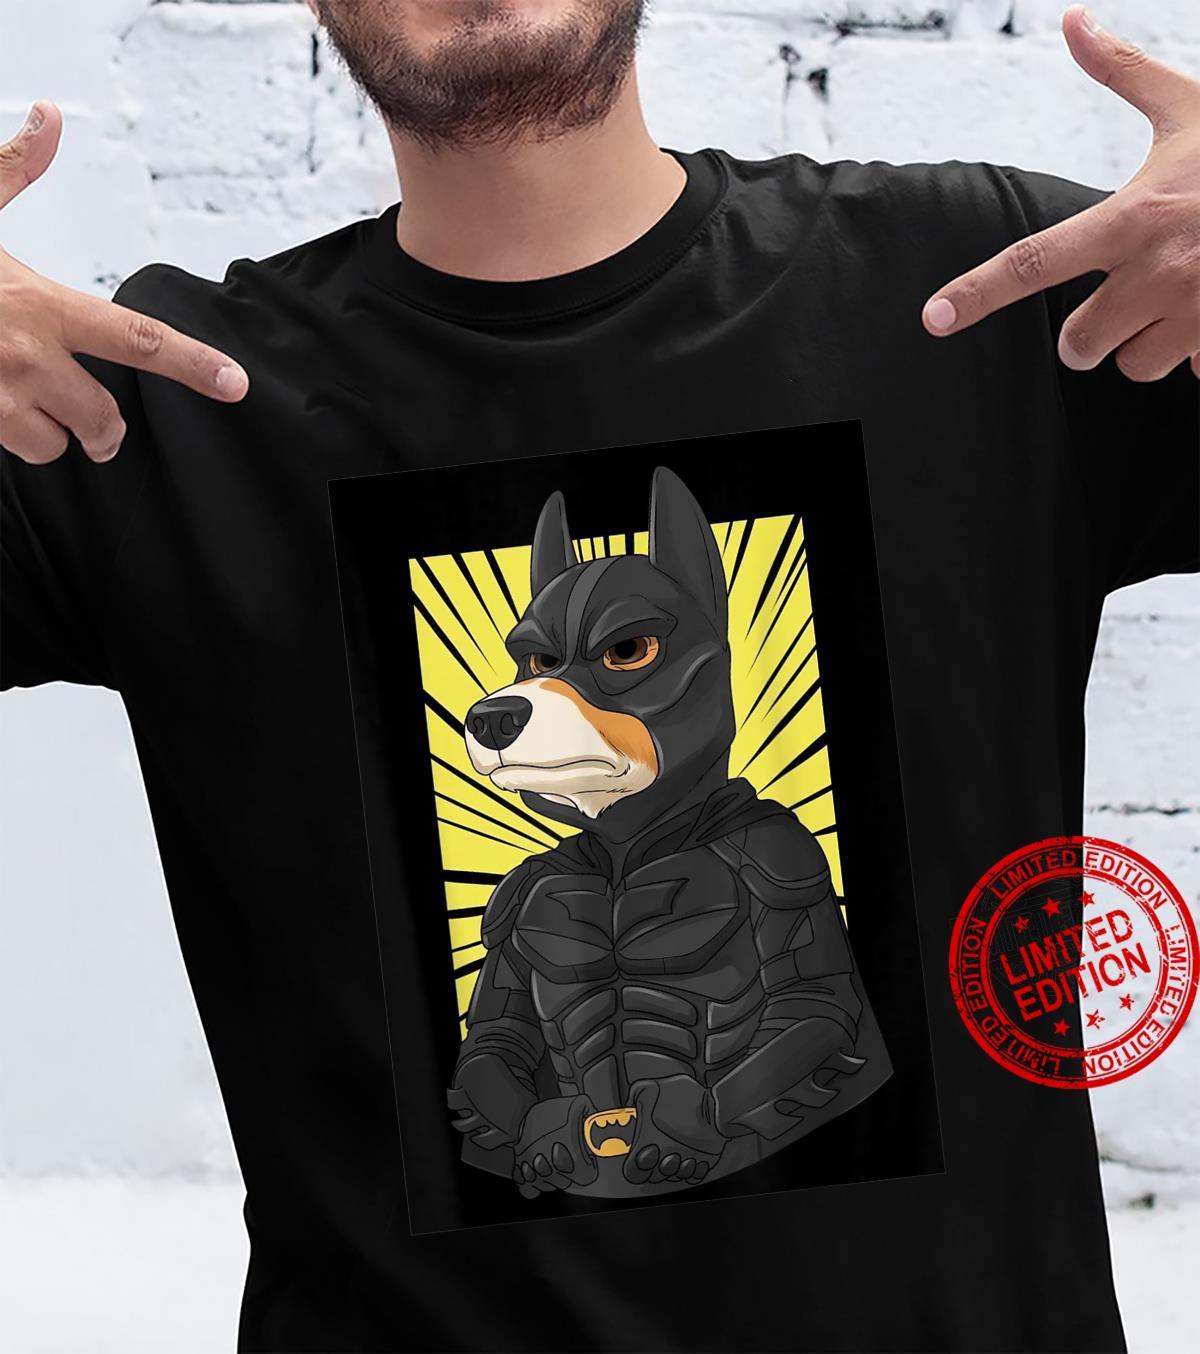 The Dark Corgi Superhero Design Motive Dog Crypto Meme Shirt